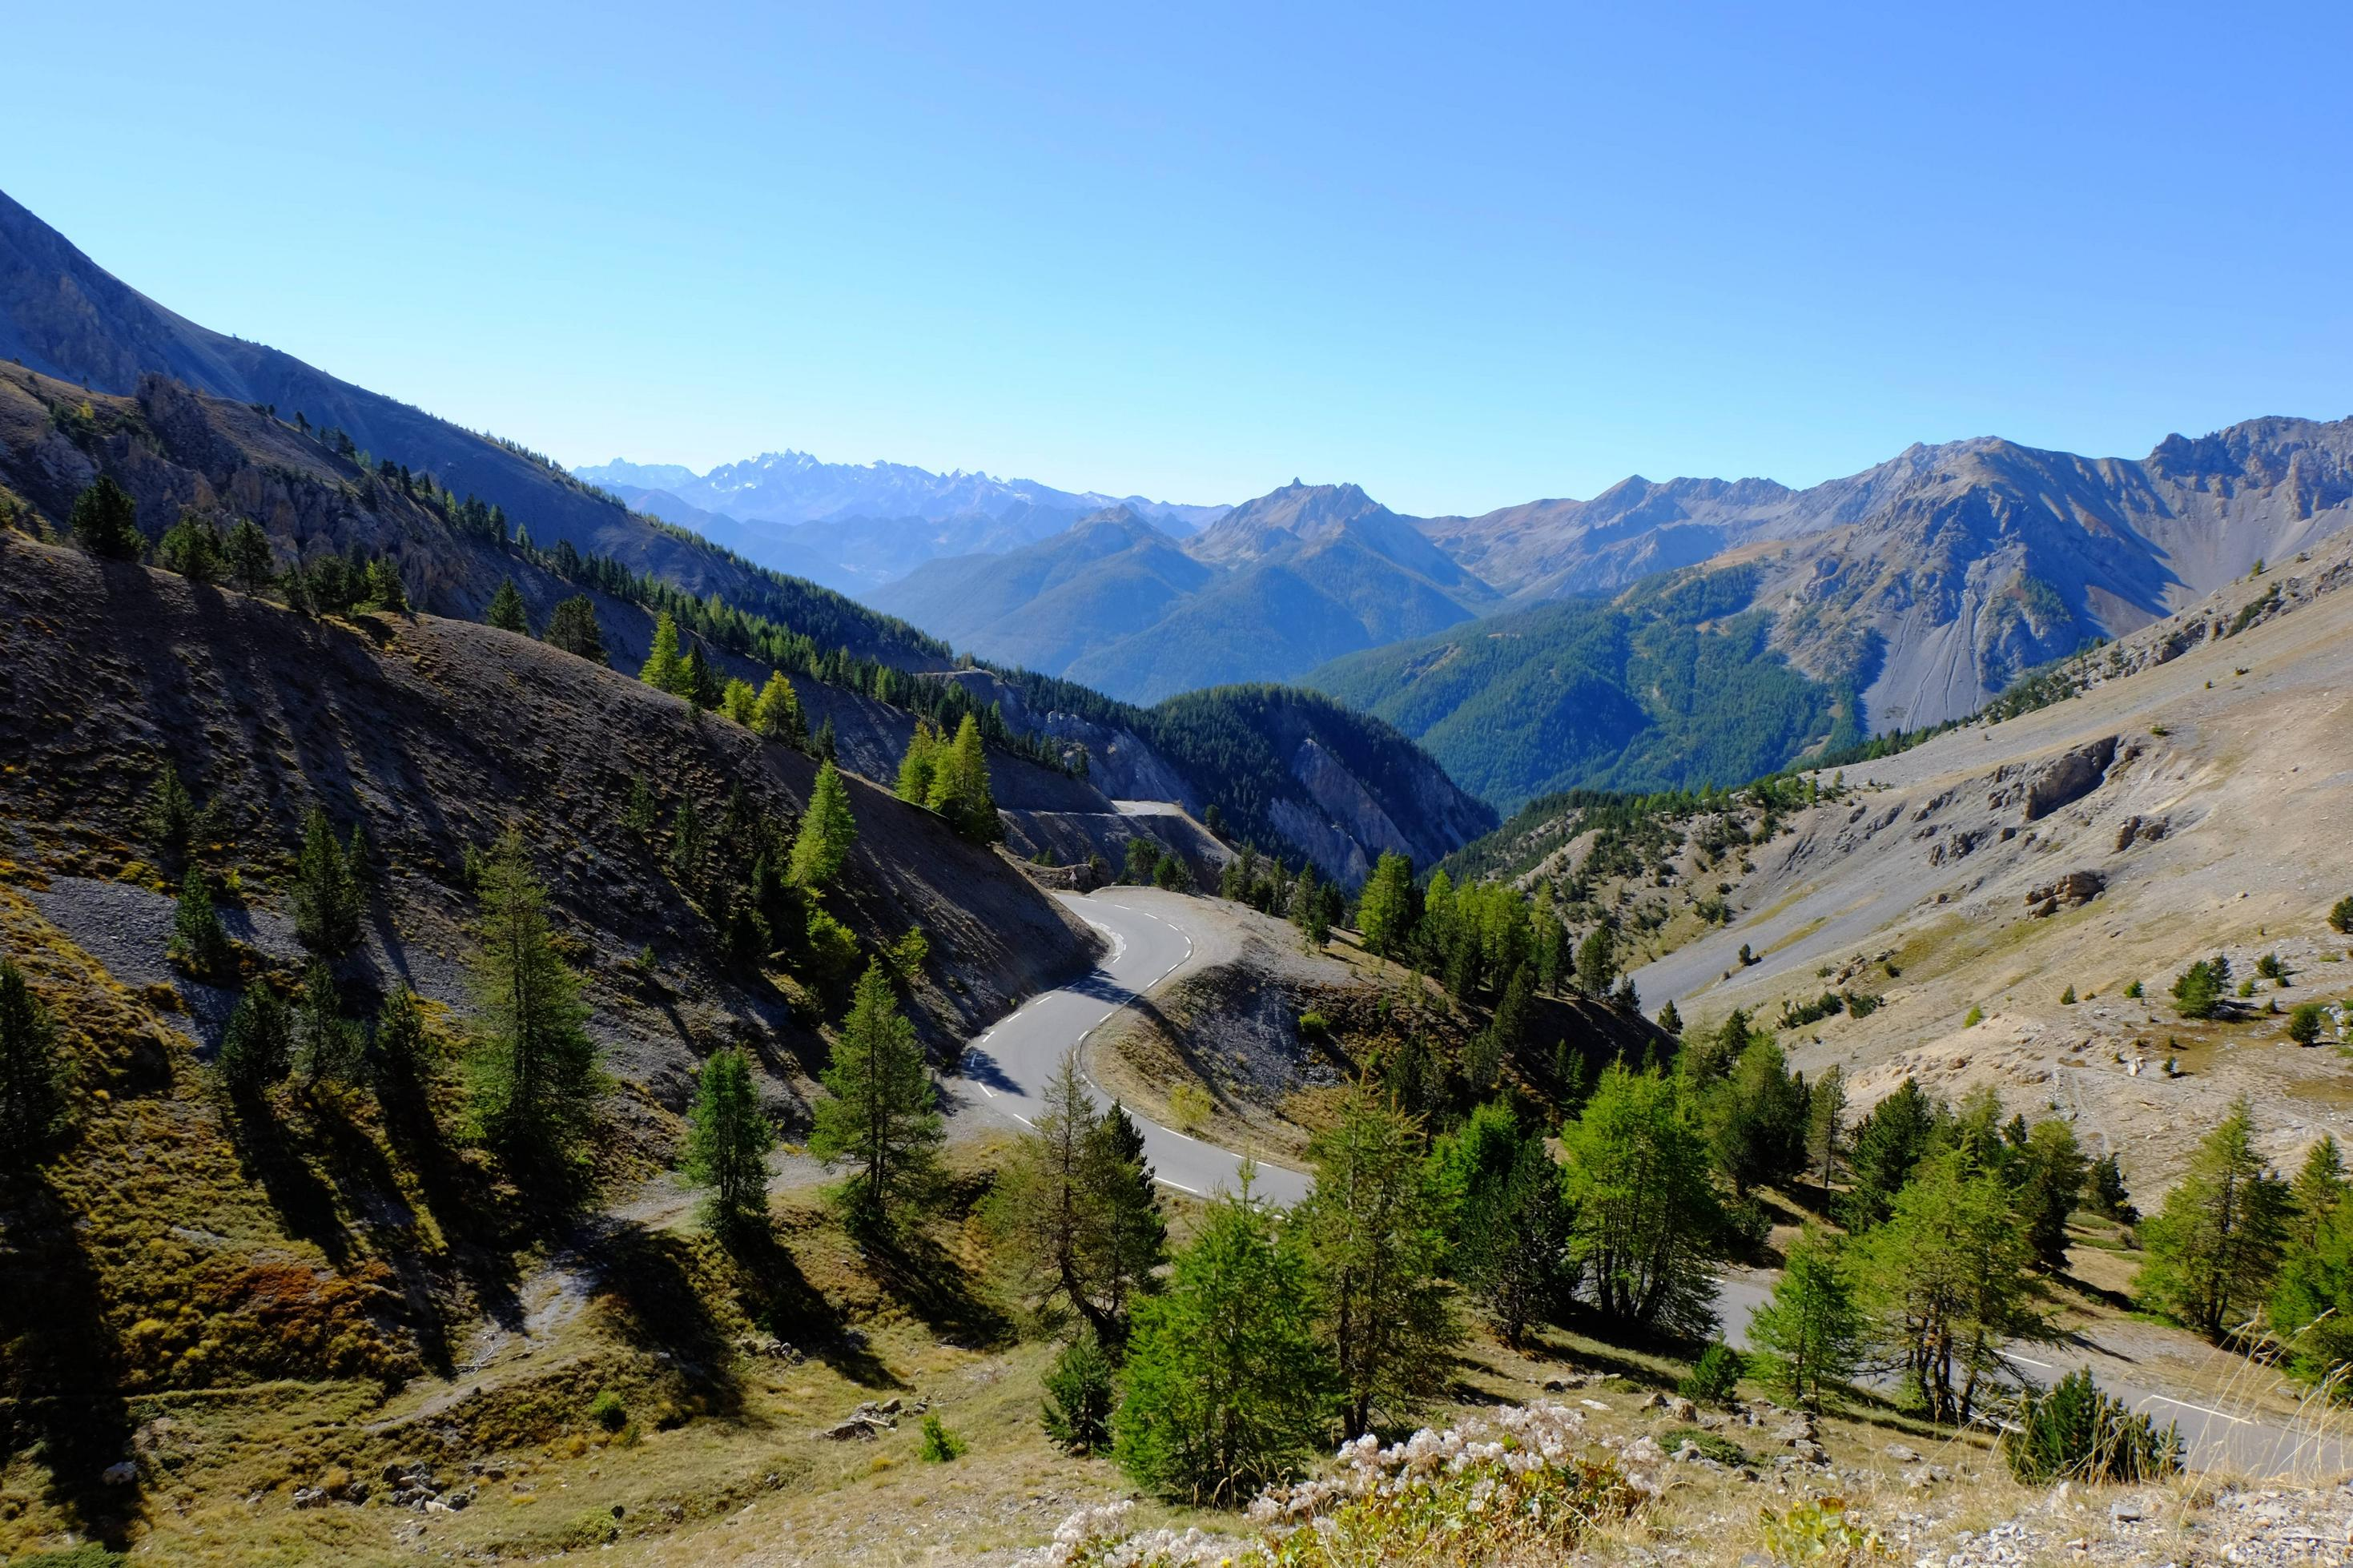 Ook bij de Col d'Izoard is het natuurschoon niet te missen (Foto: Panoramio)